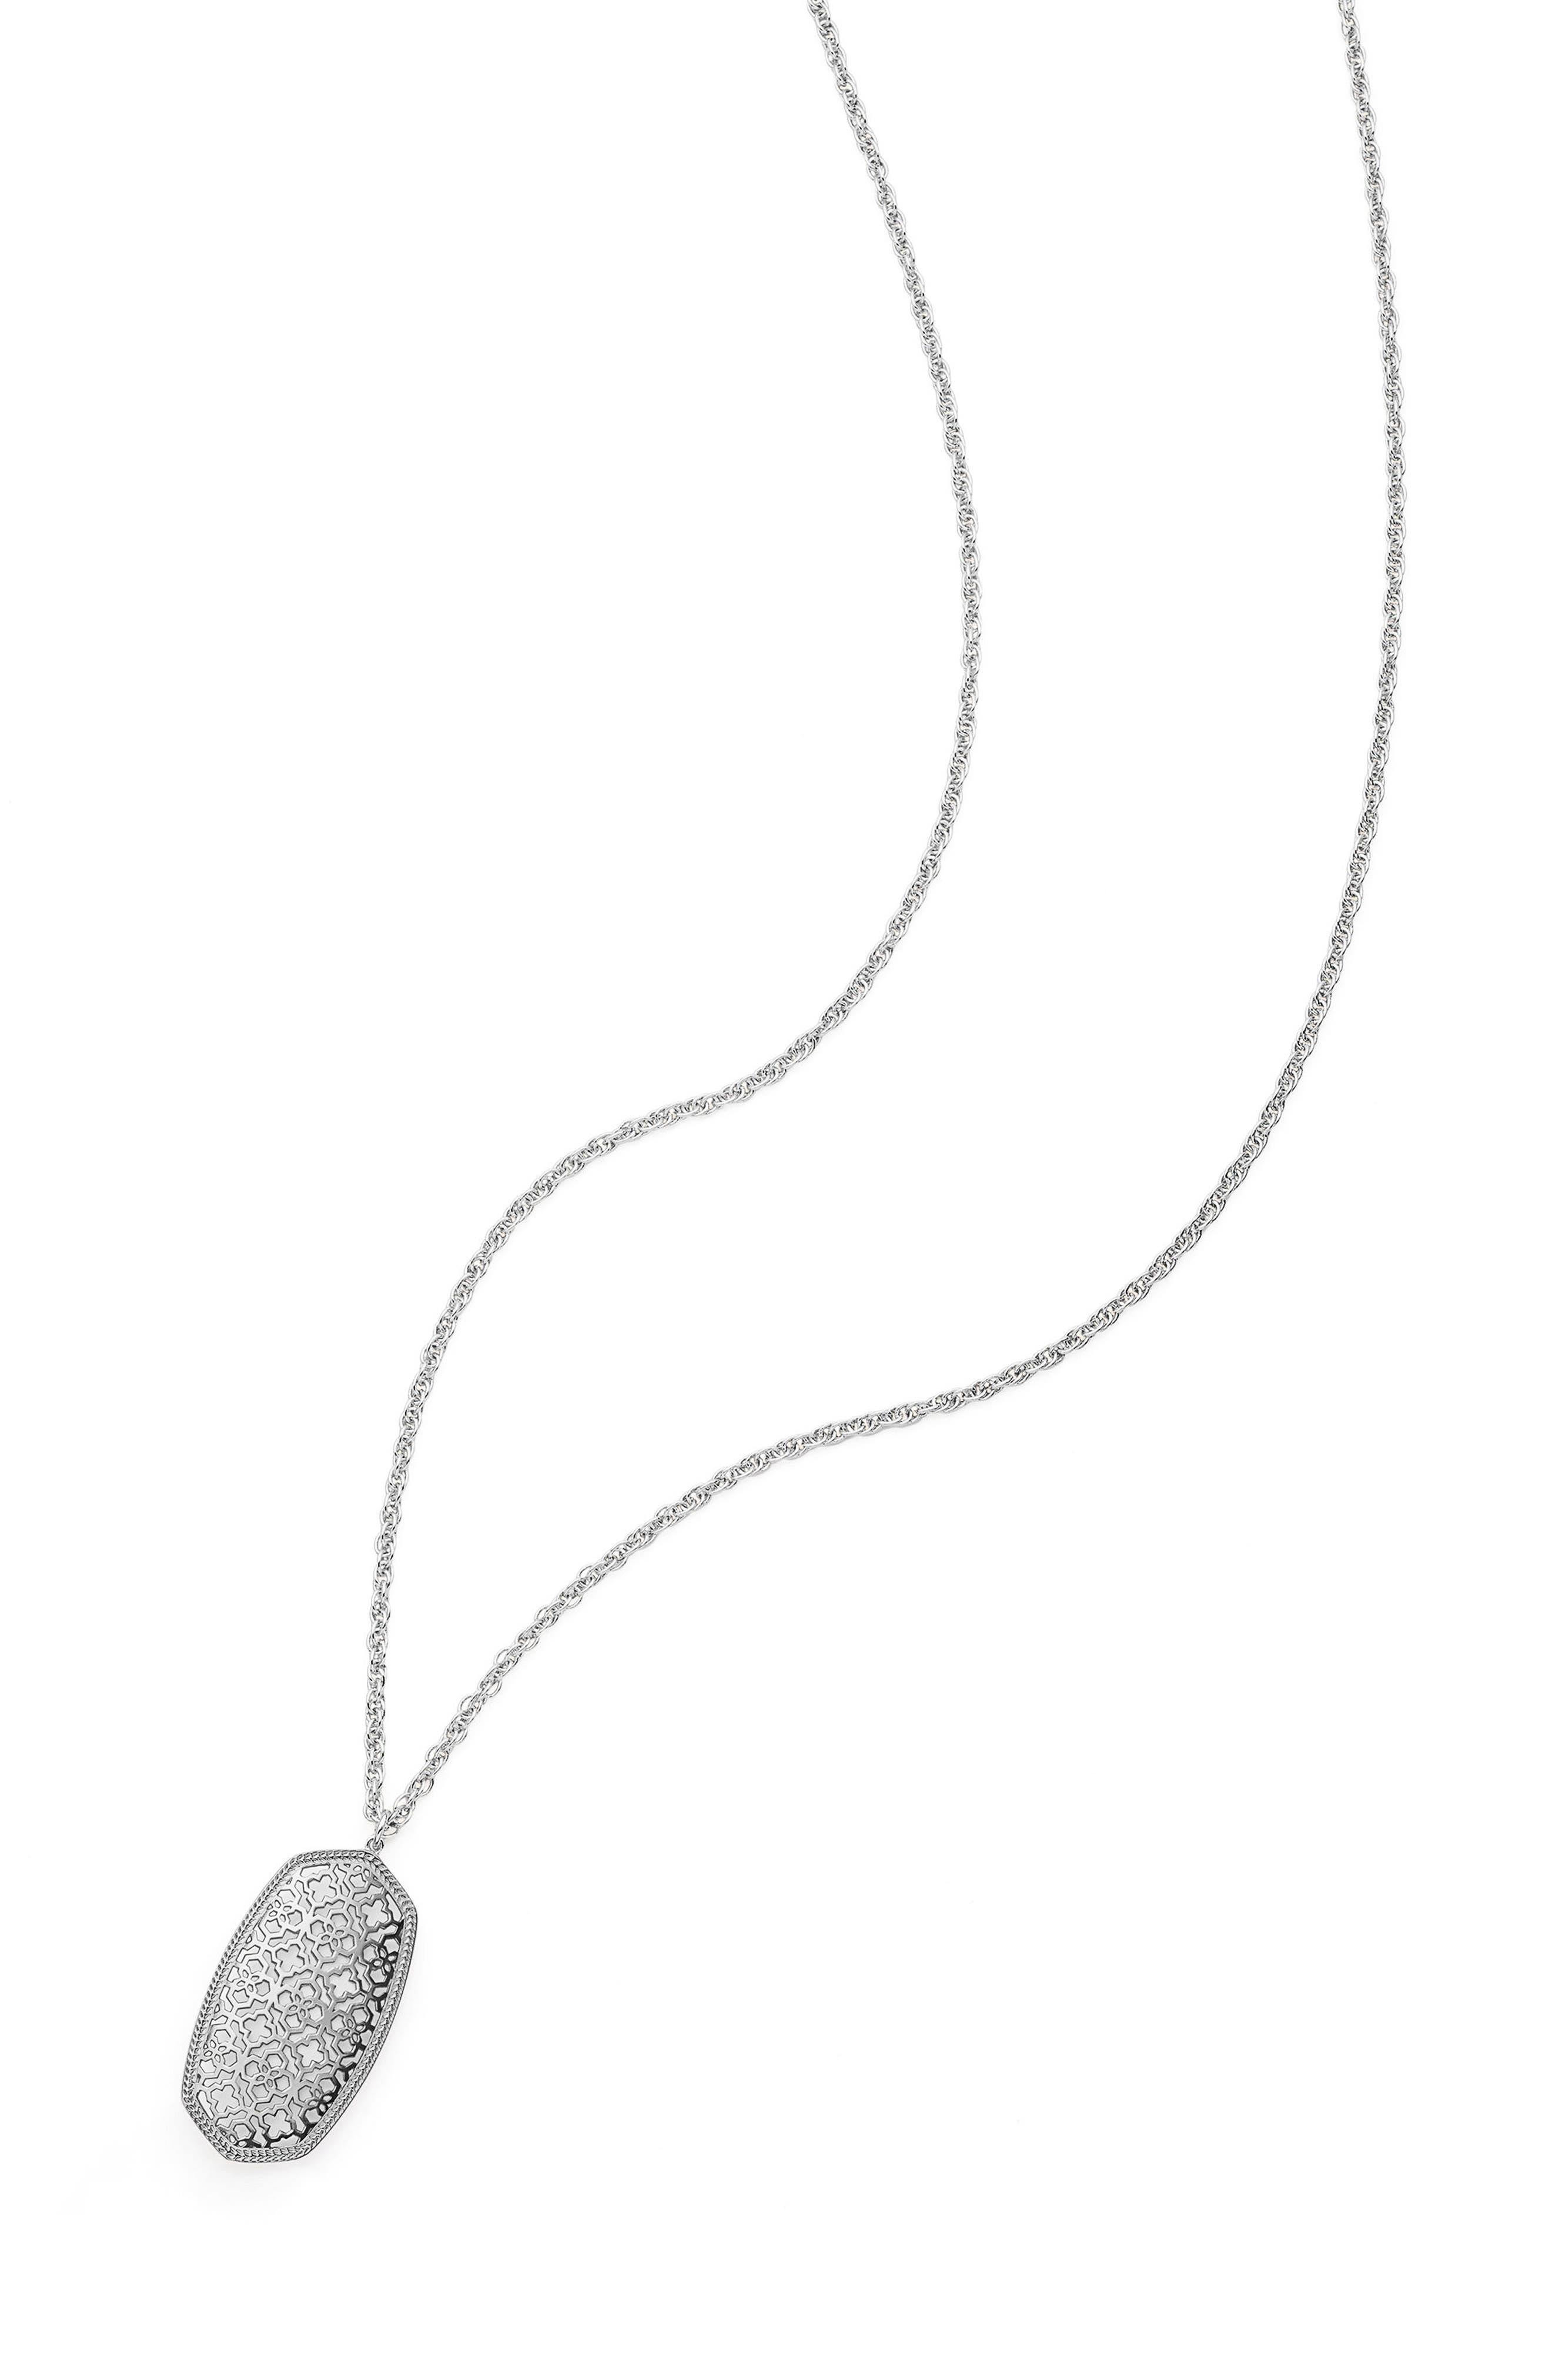 KENDRA SCOTT, Rae Long Filigree Pendant Necklace, Alternate thumbnail 3, color, SILVER FILIGREE